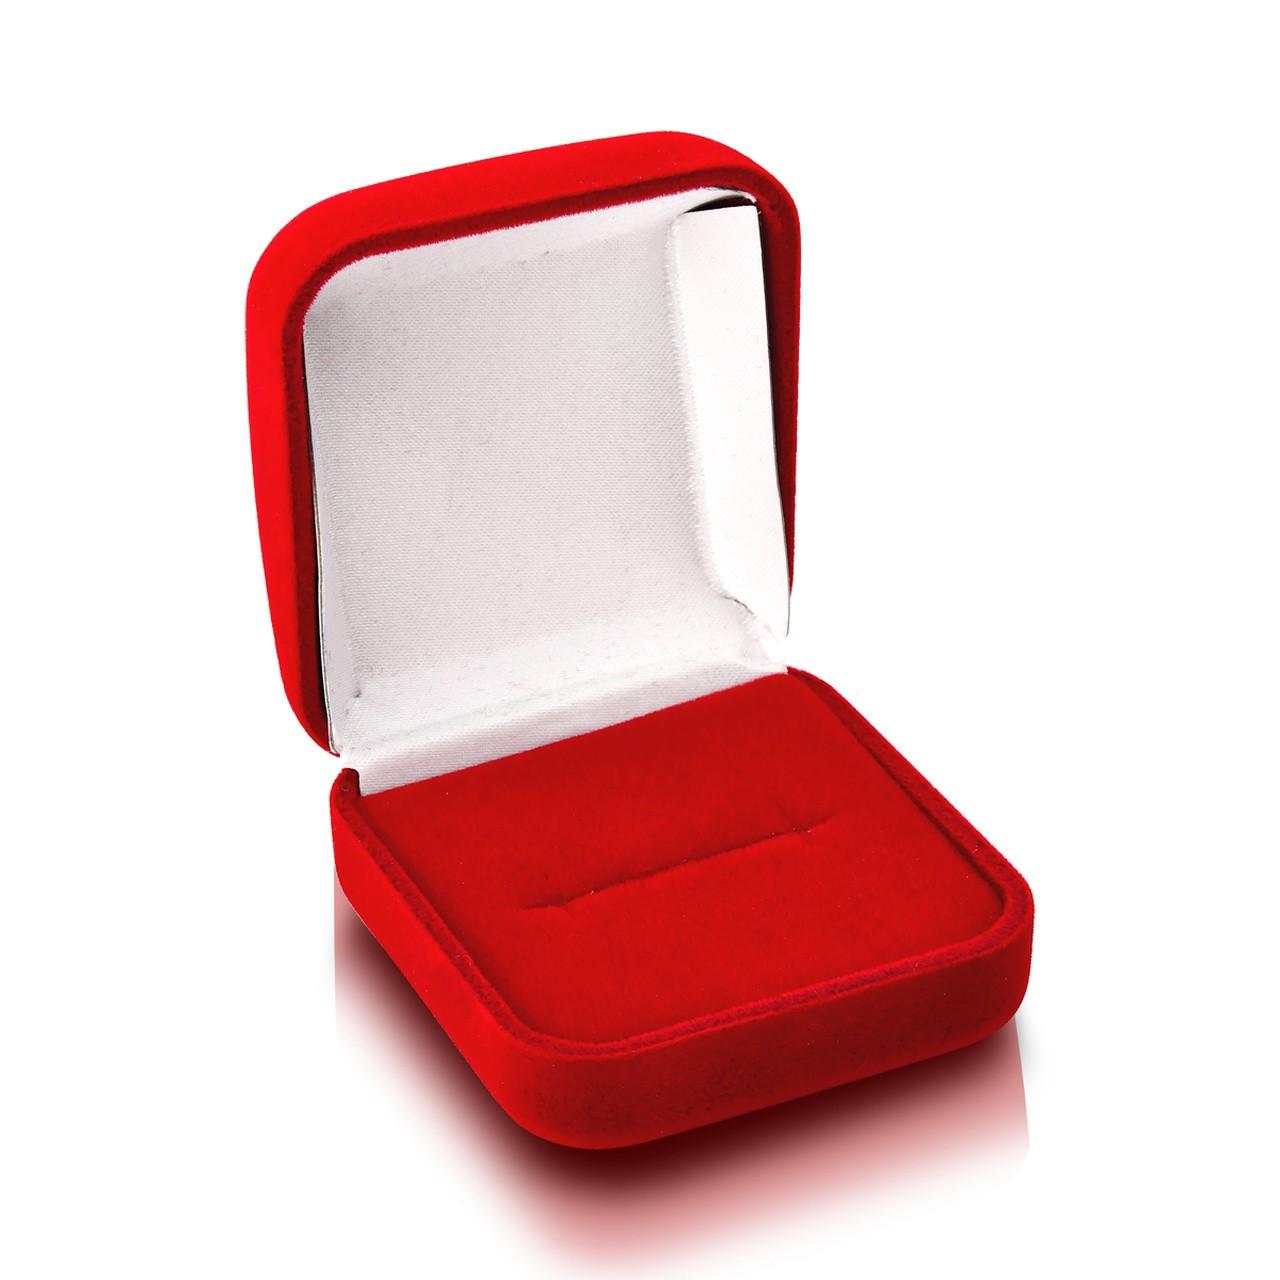 Caixa de Veludo Vermelha Anel 1